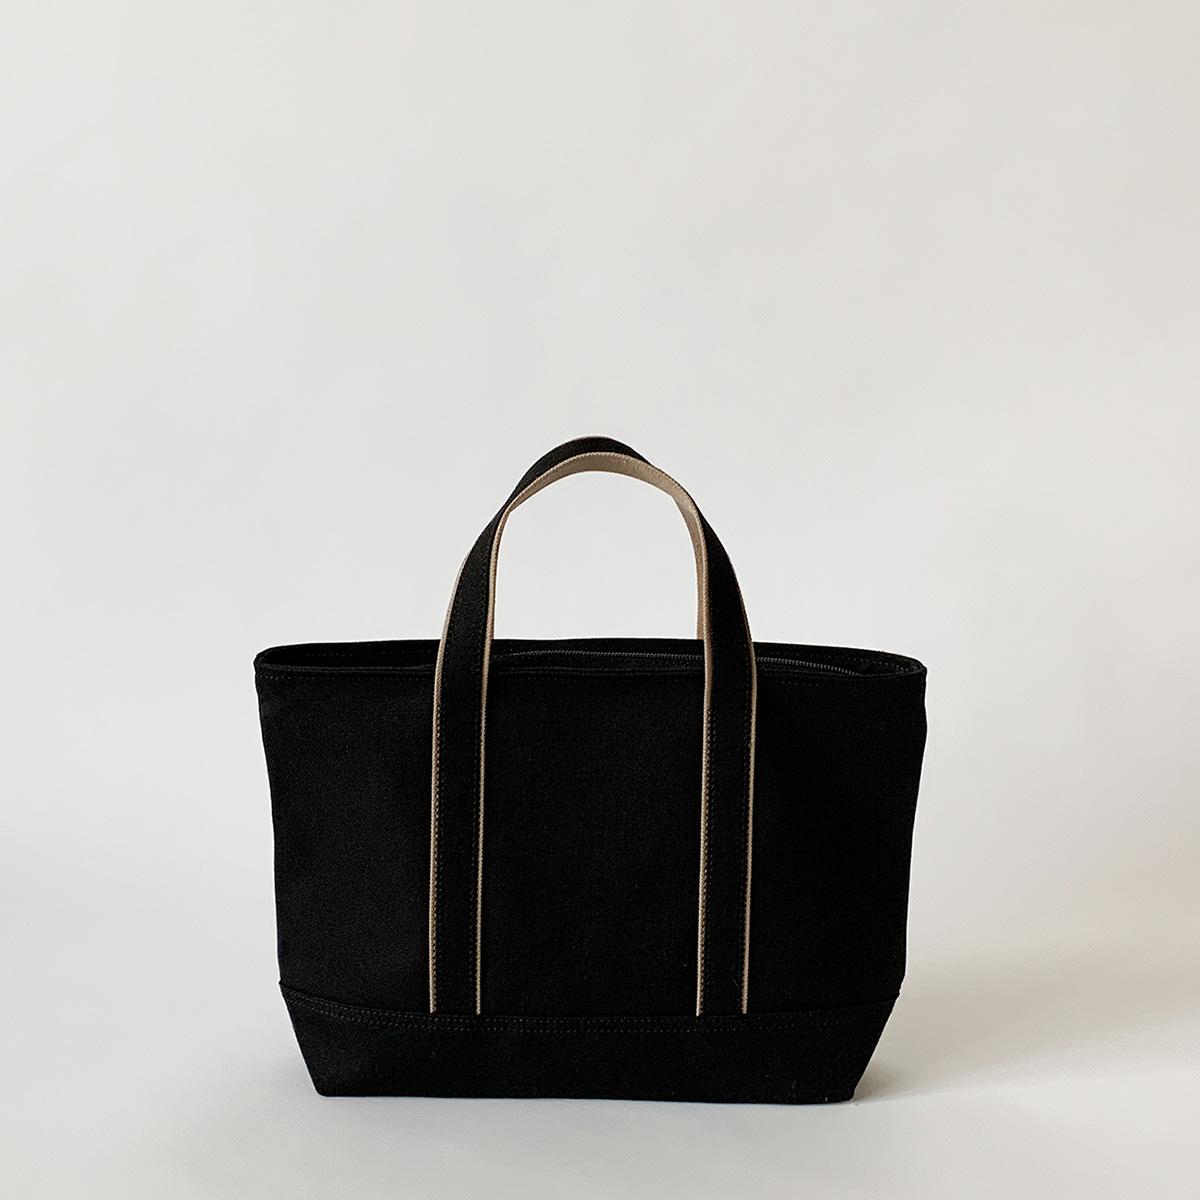 ジッパートート / ブラック:Sサイズ